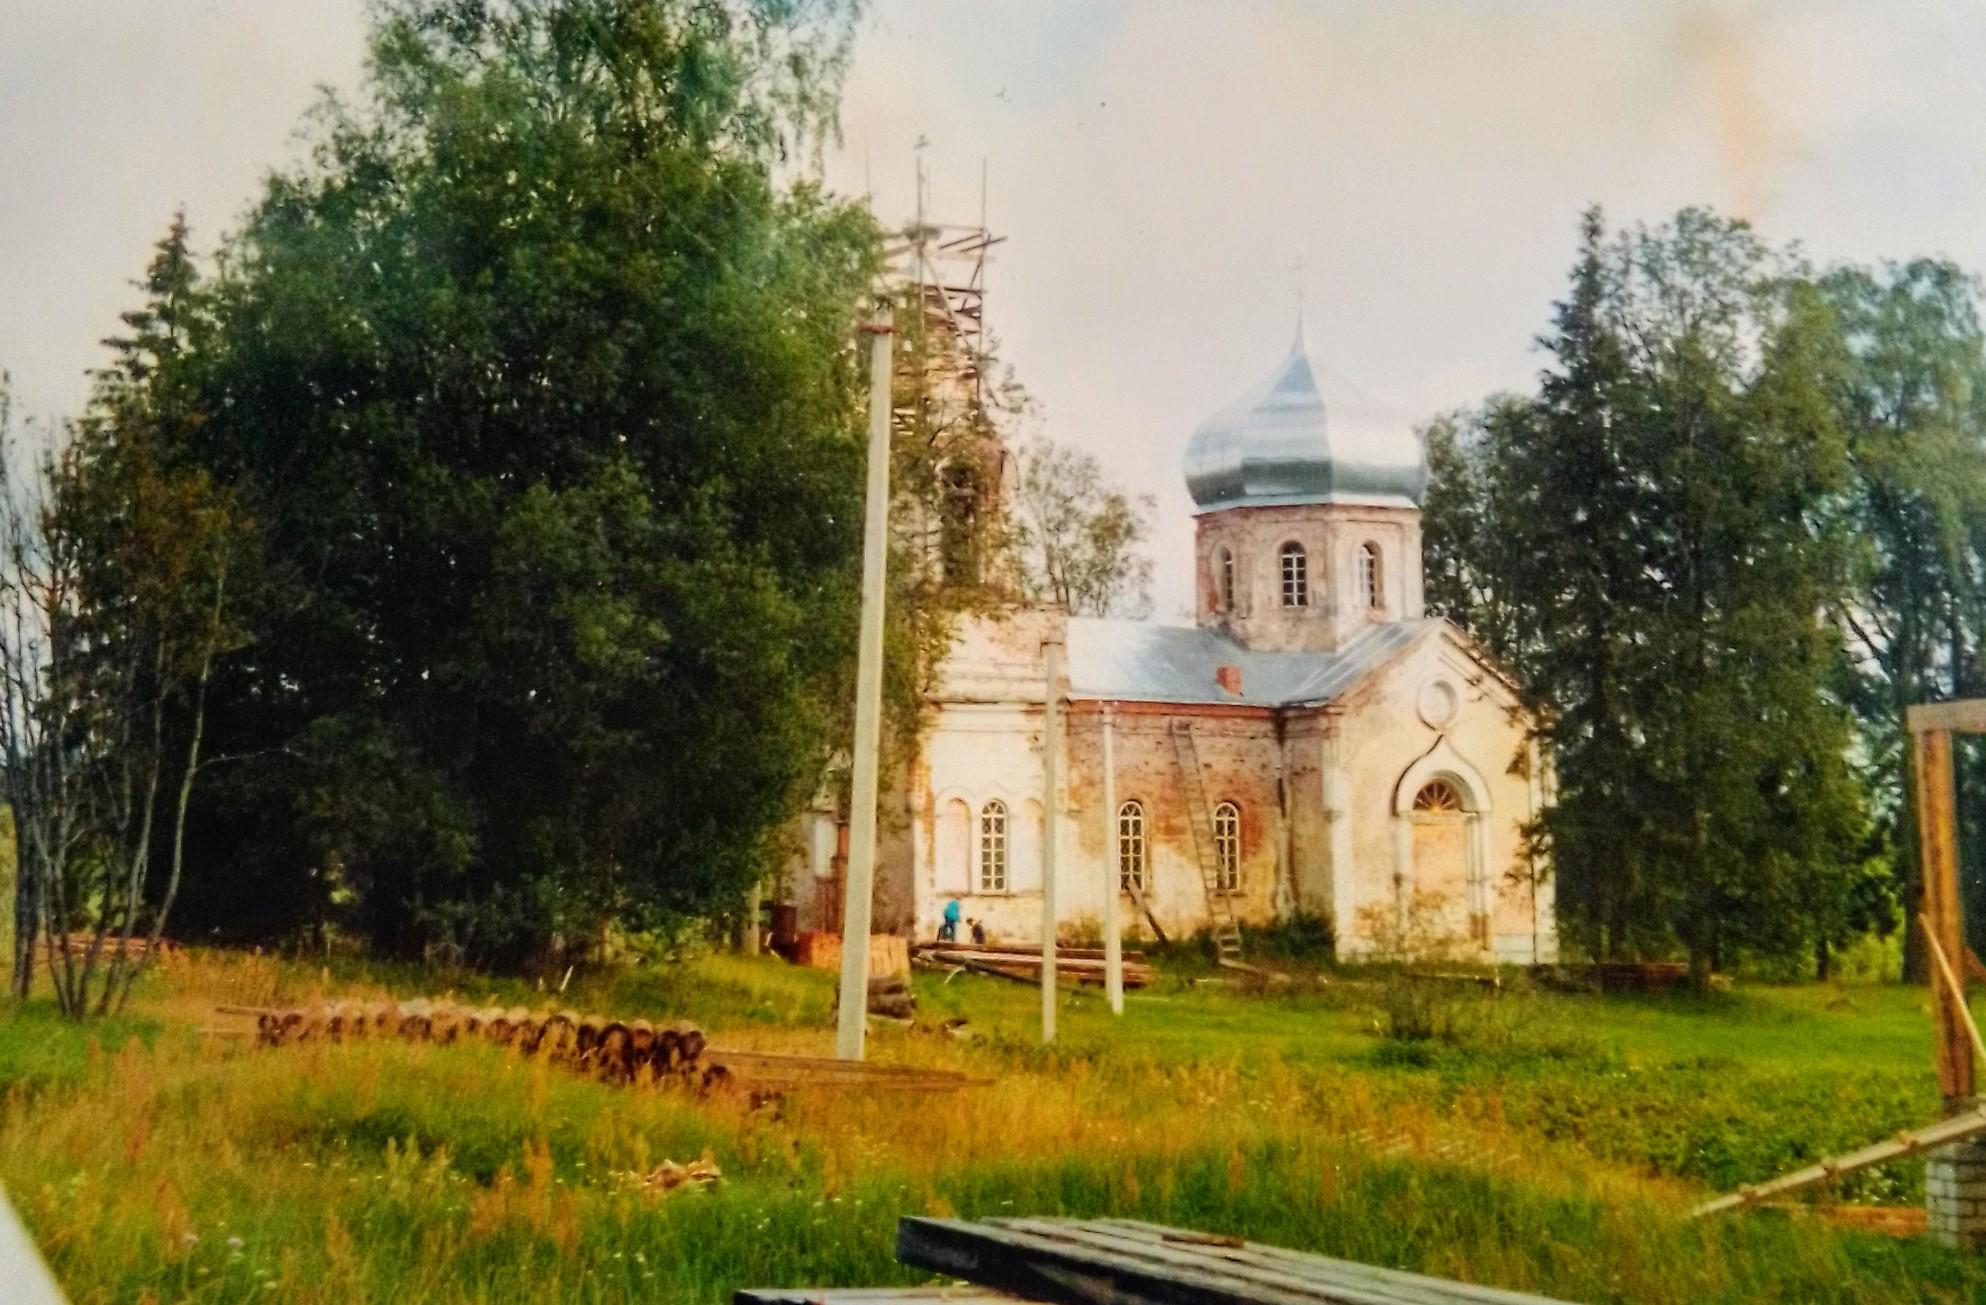 Фото 2000 года. Та самая церковь. Идёт реставрация.